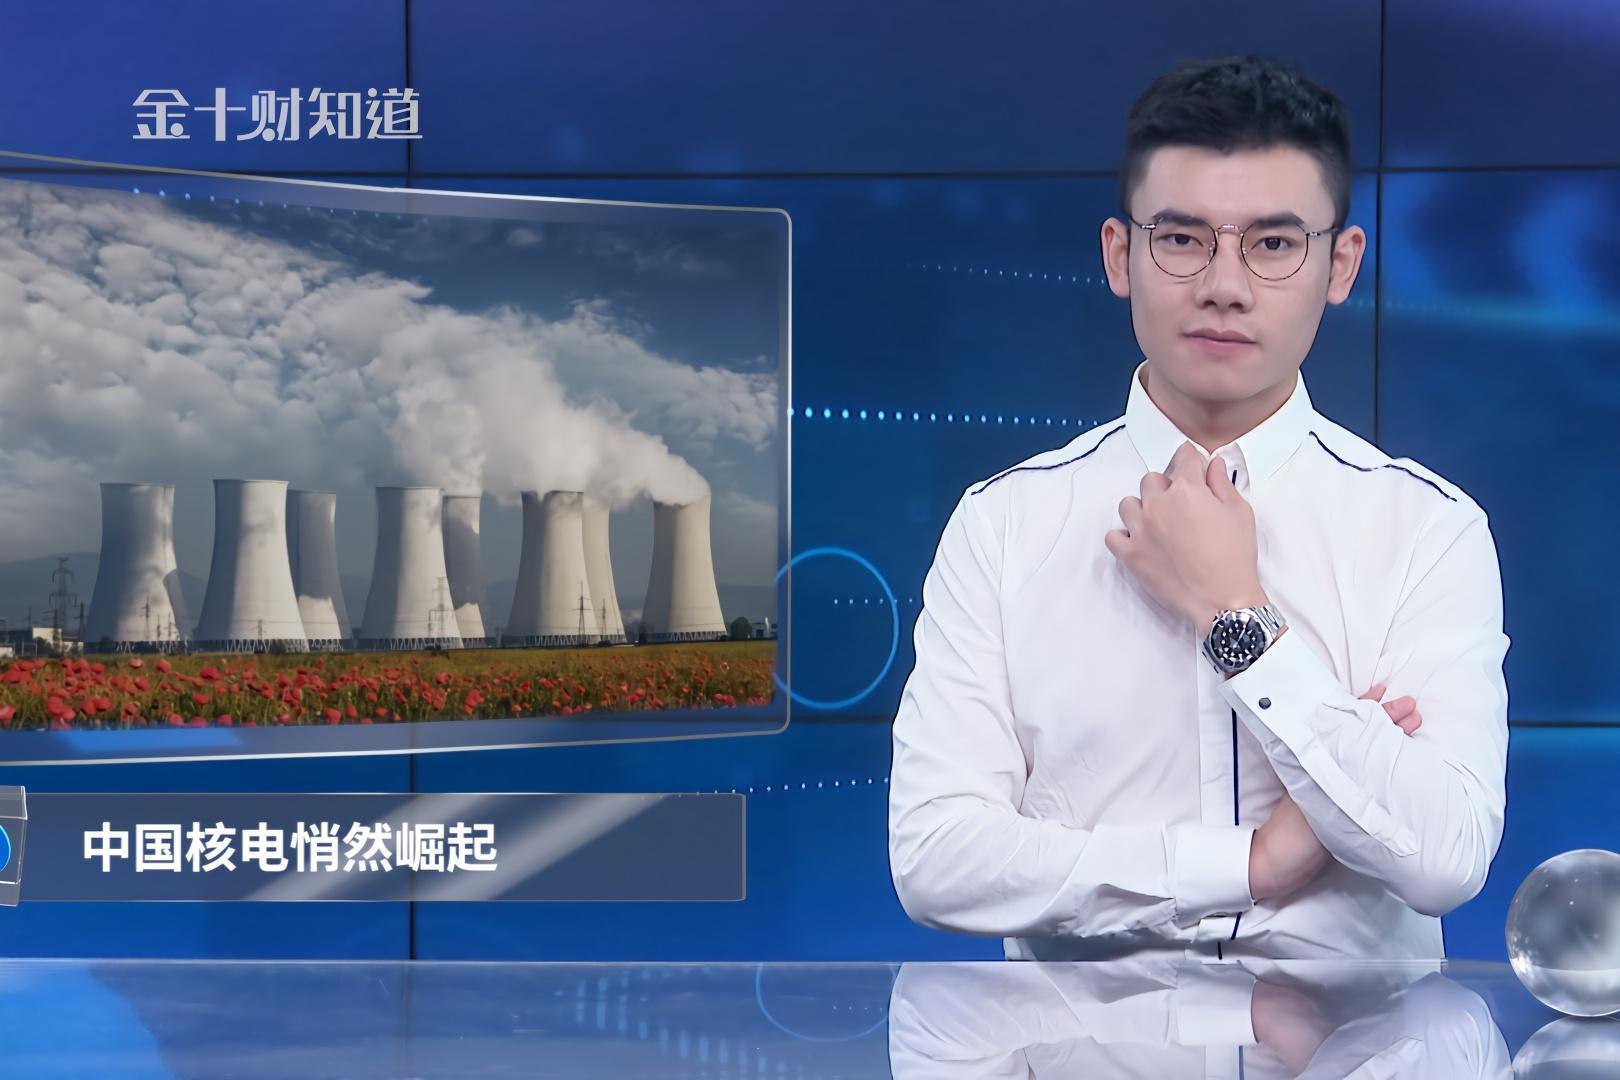 日本核电企业宣布破产!该国放弃日本核电项目,转而与中国合作!